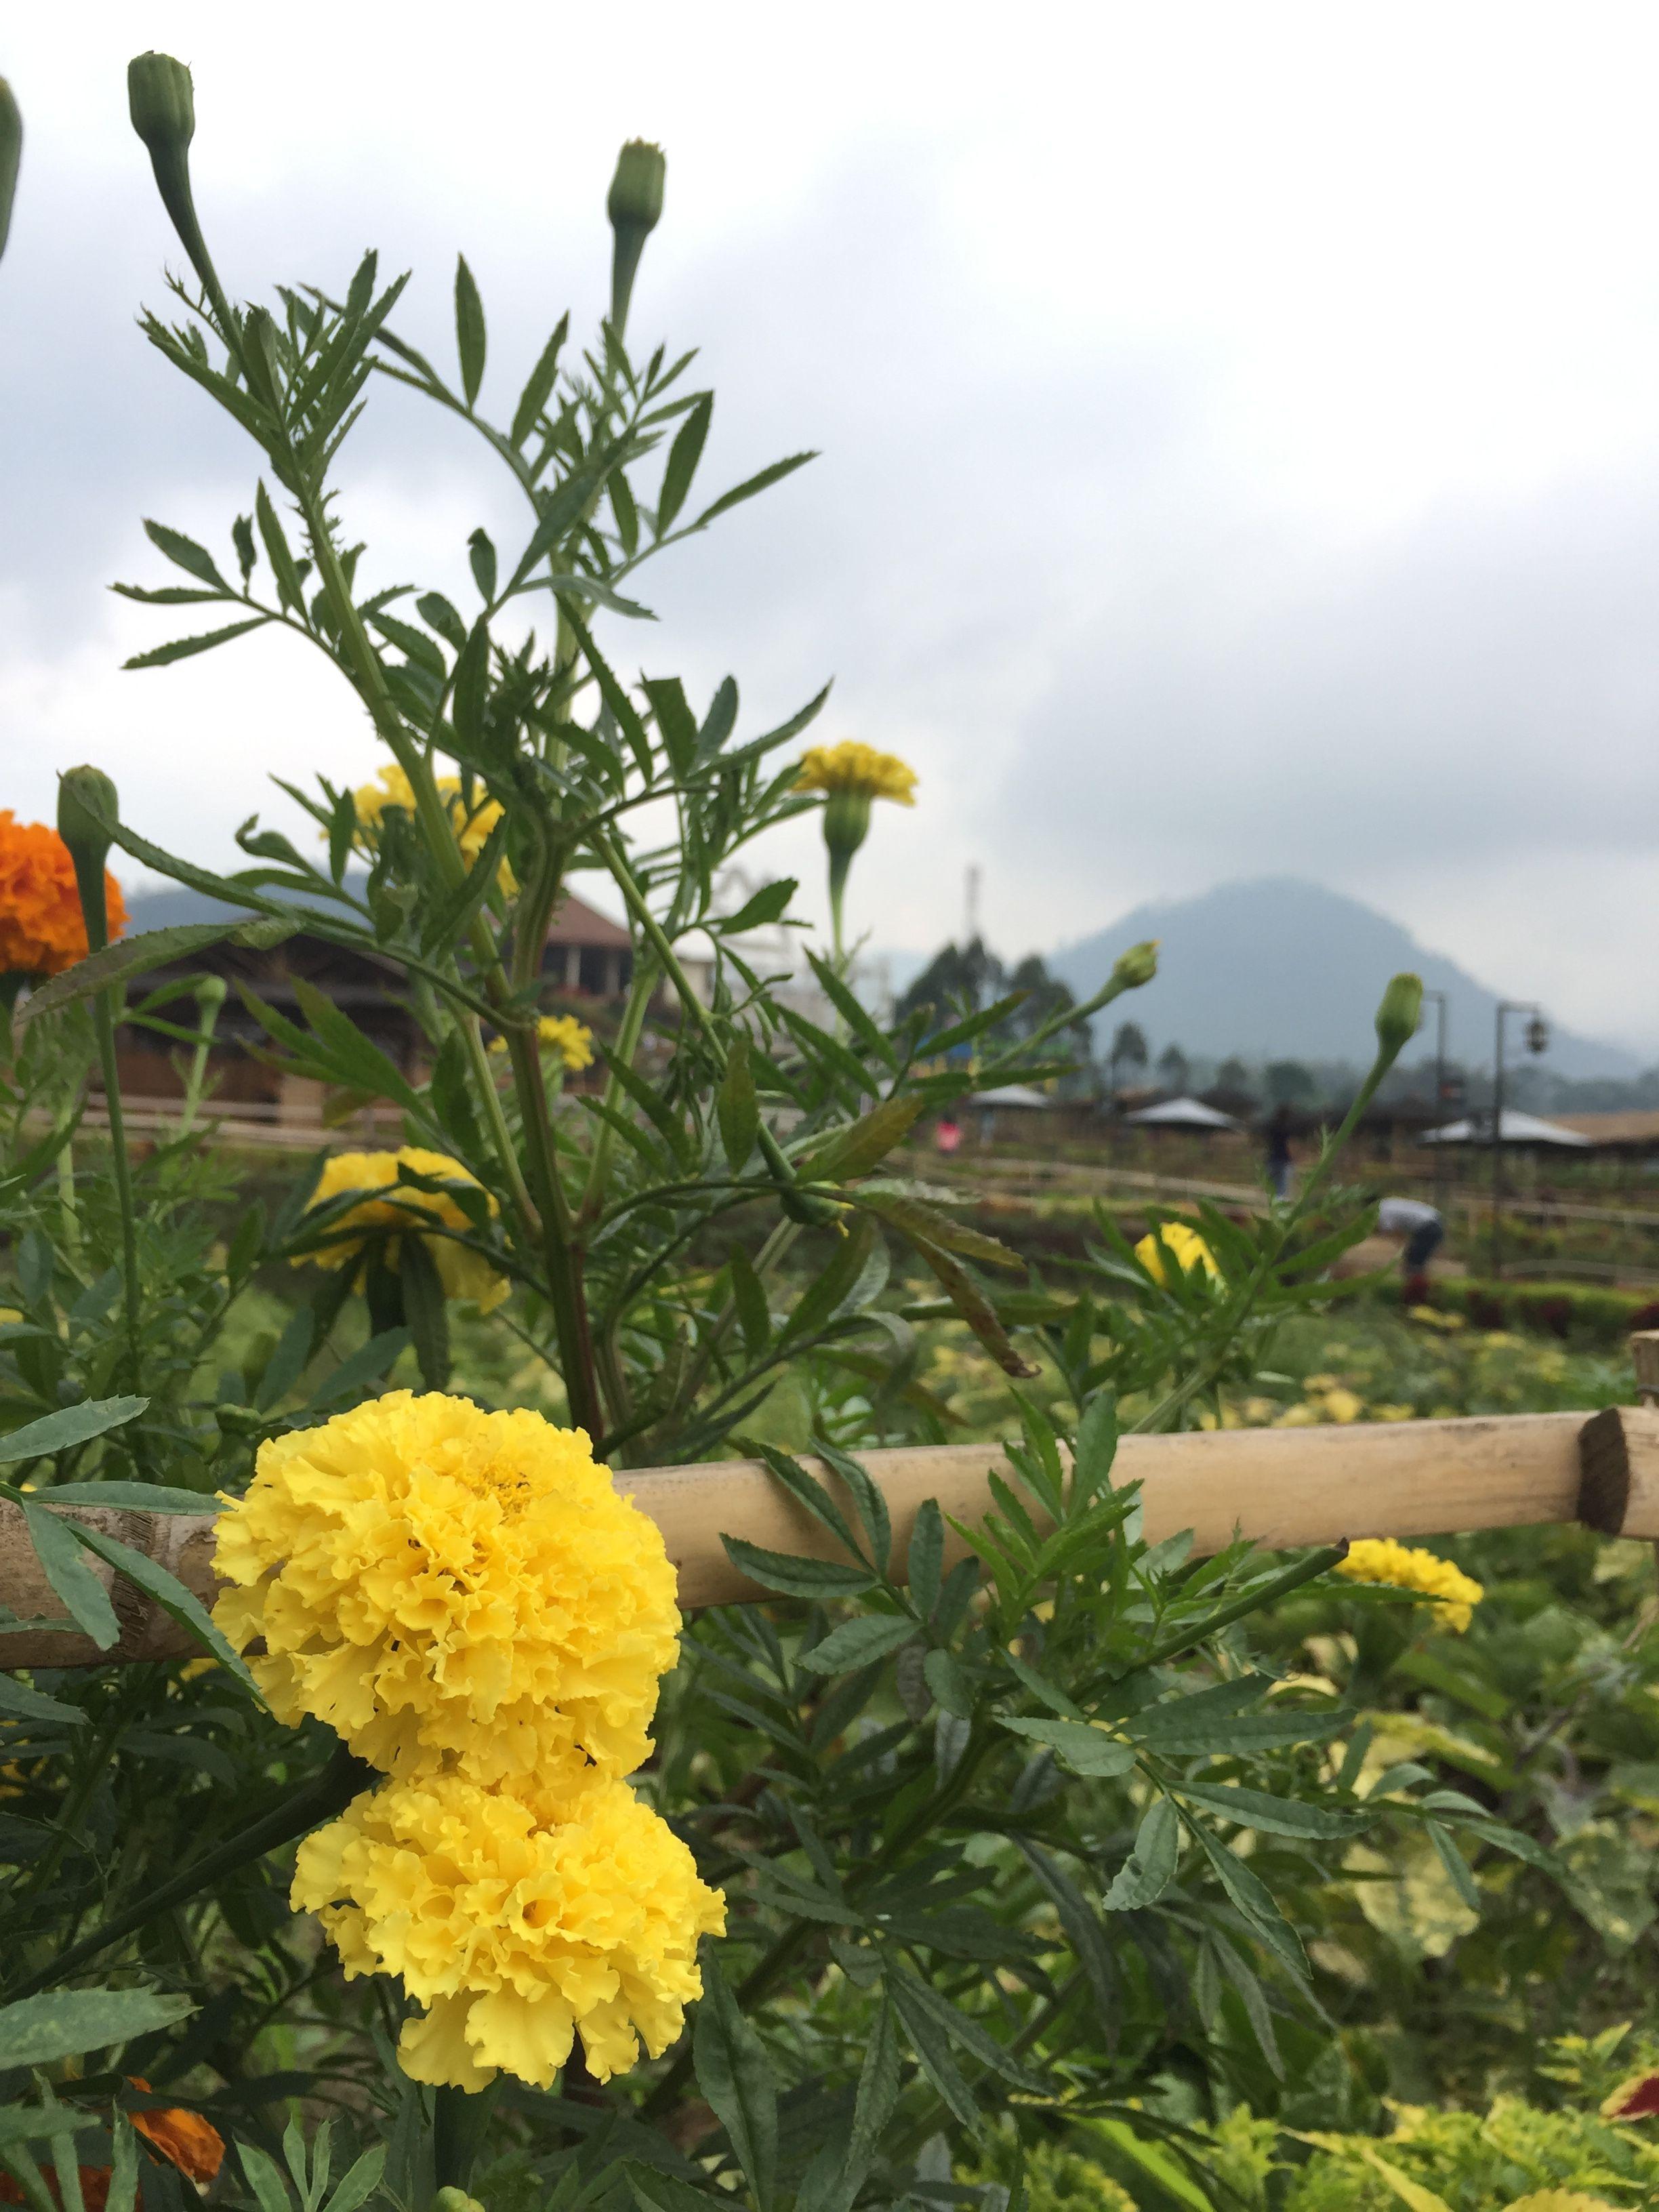 Bunga Kuning Cafe Sawah Malang Bunga Kuning Bunga Perjalanan